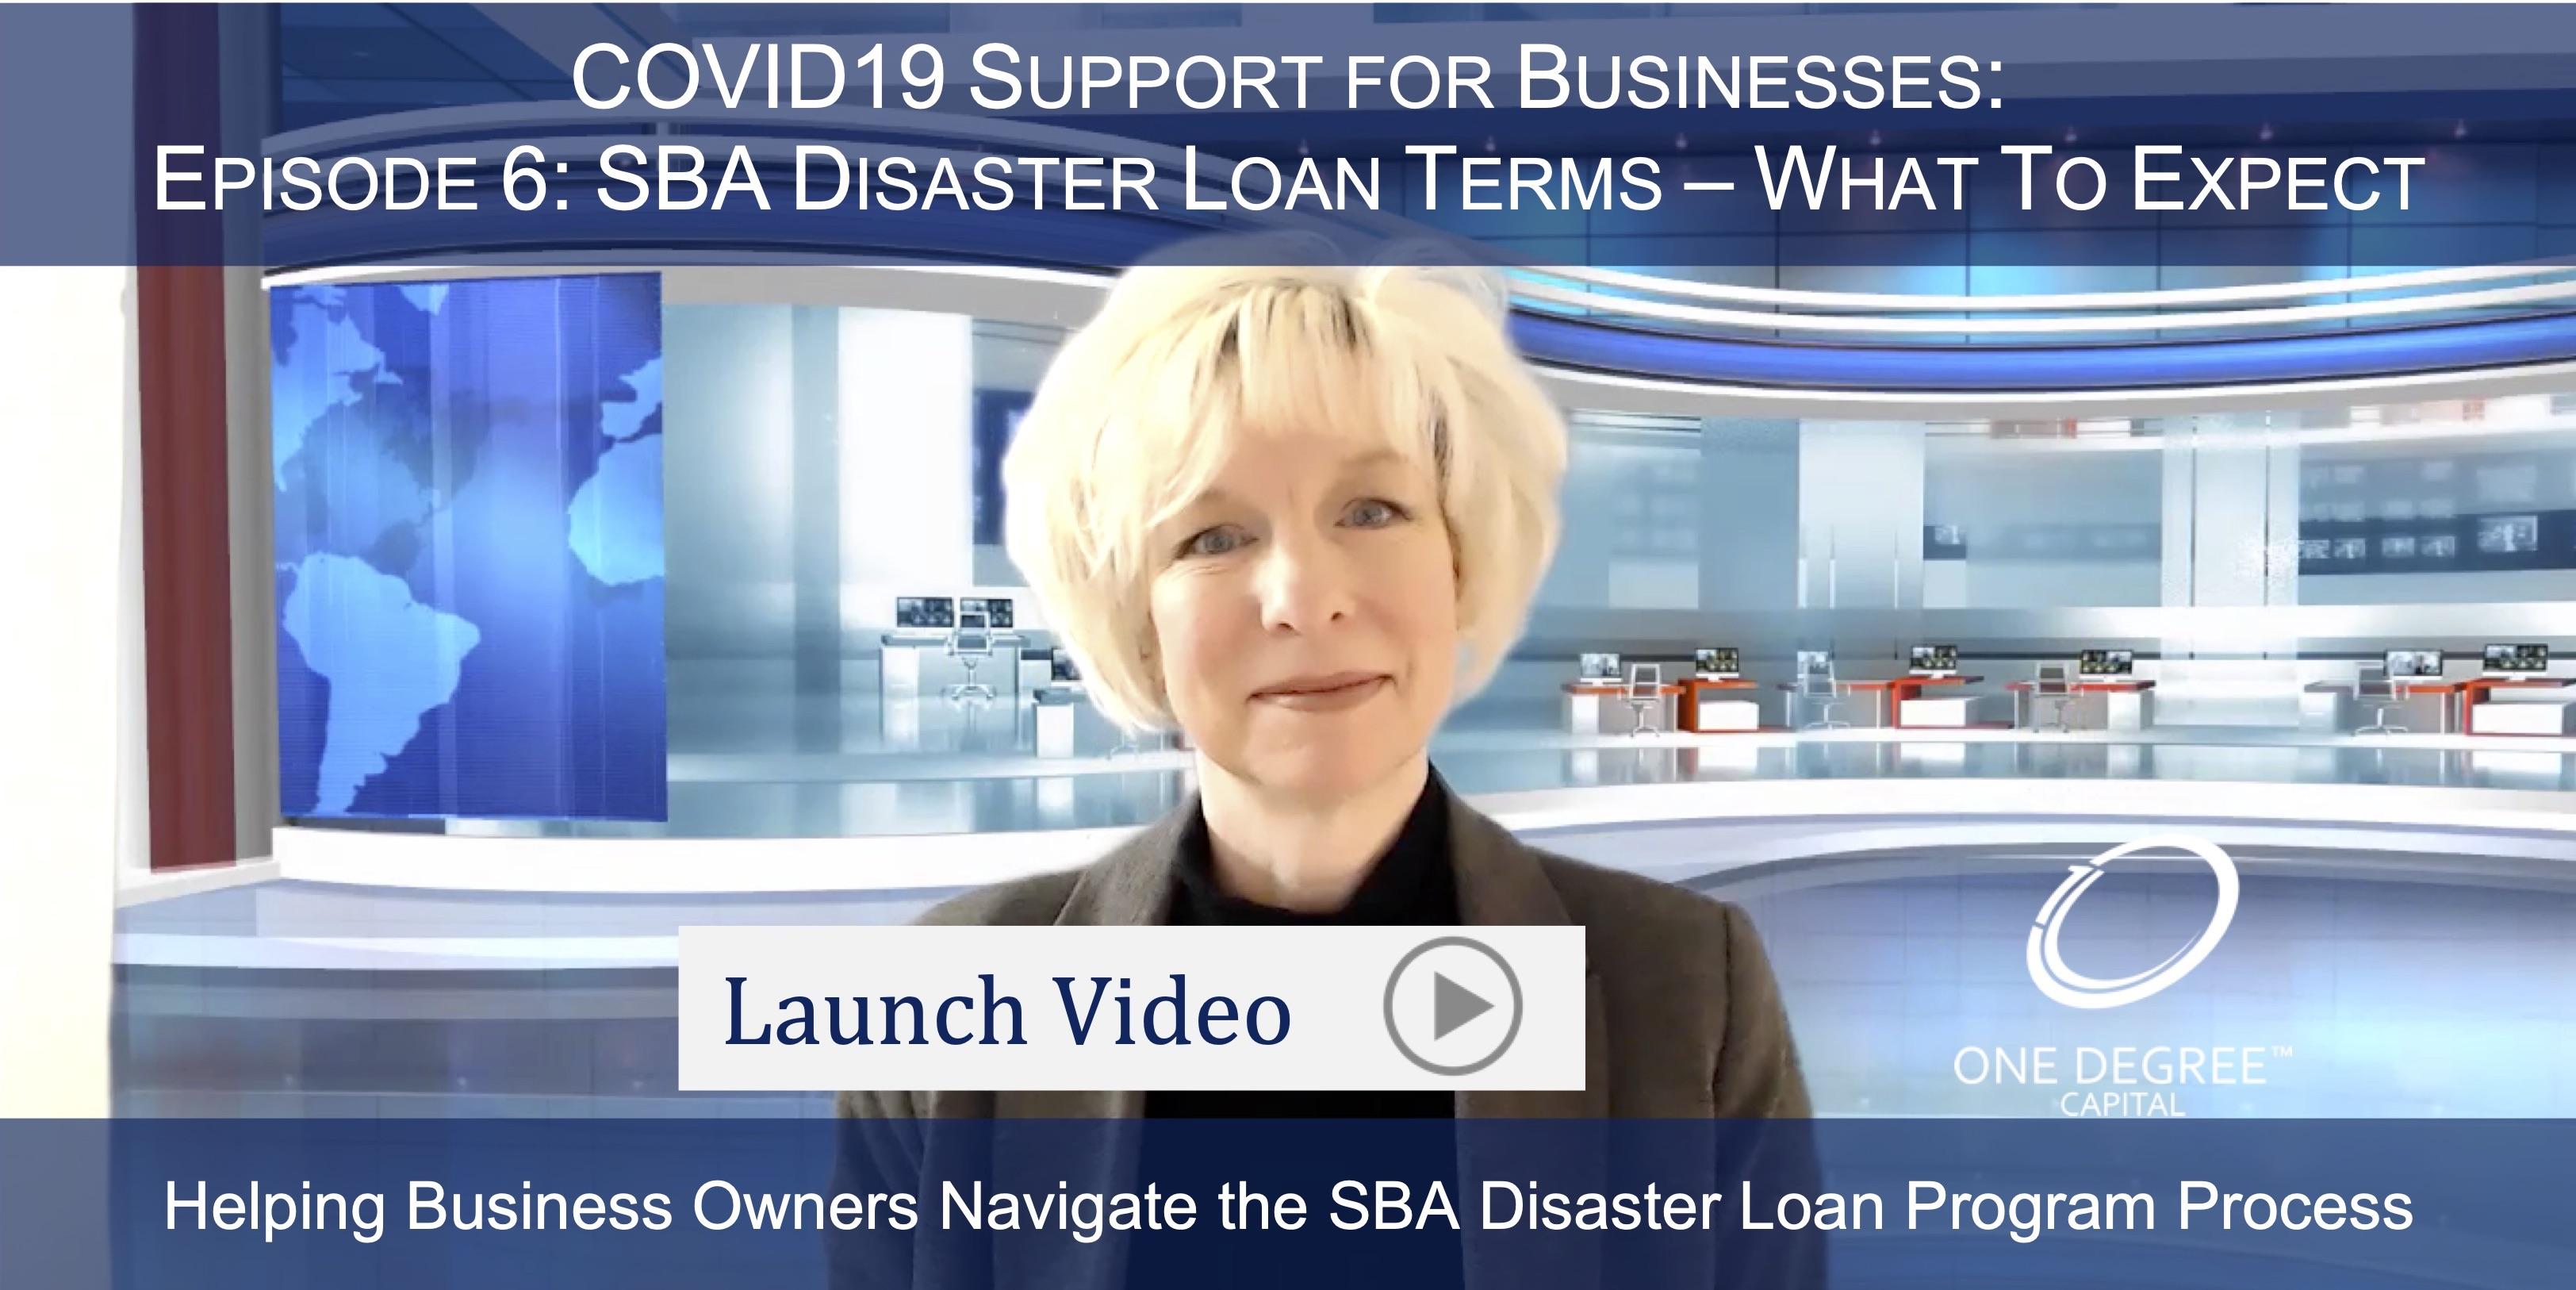 SBA Disaster Loan Terms